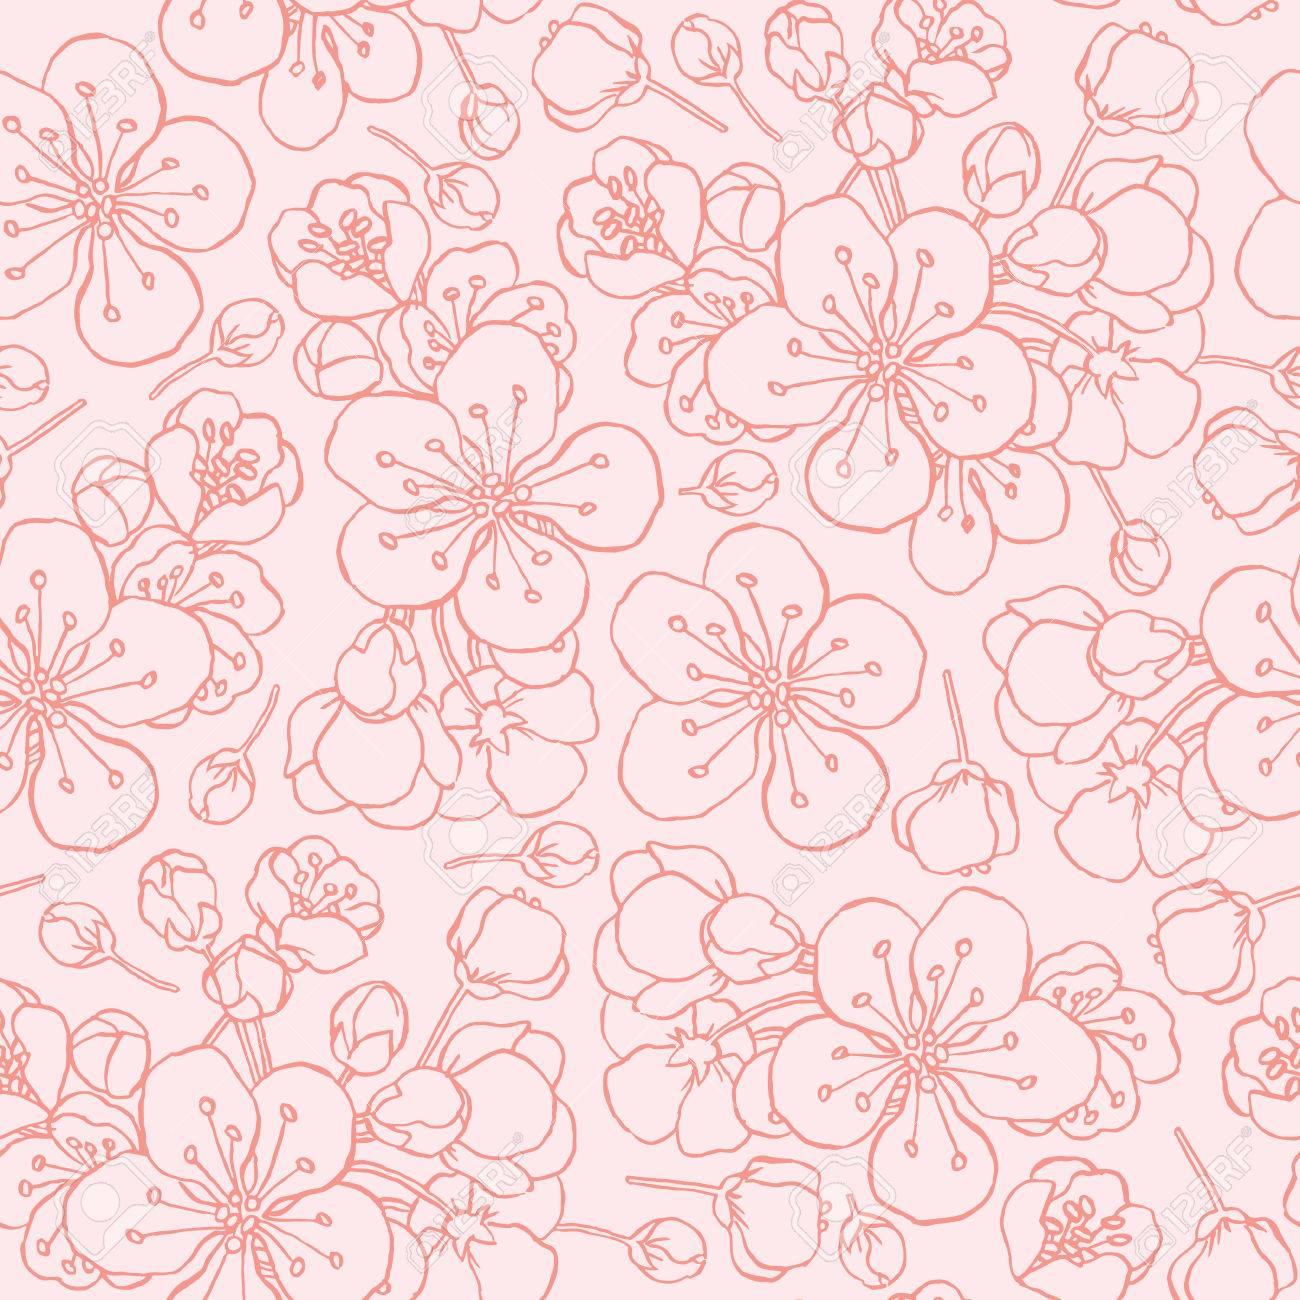 Mano De Cerezo En Flor Dibujo Ciruela O Sakura Modelo Inconsútil